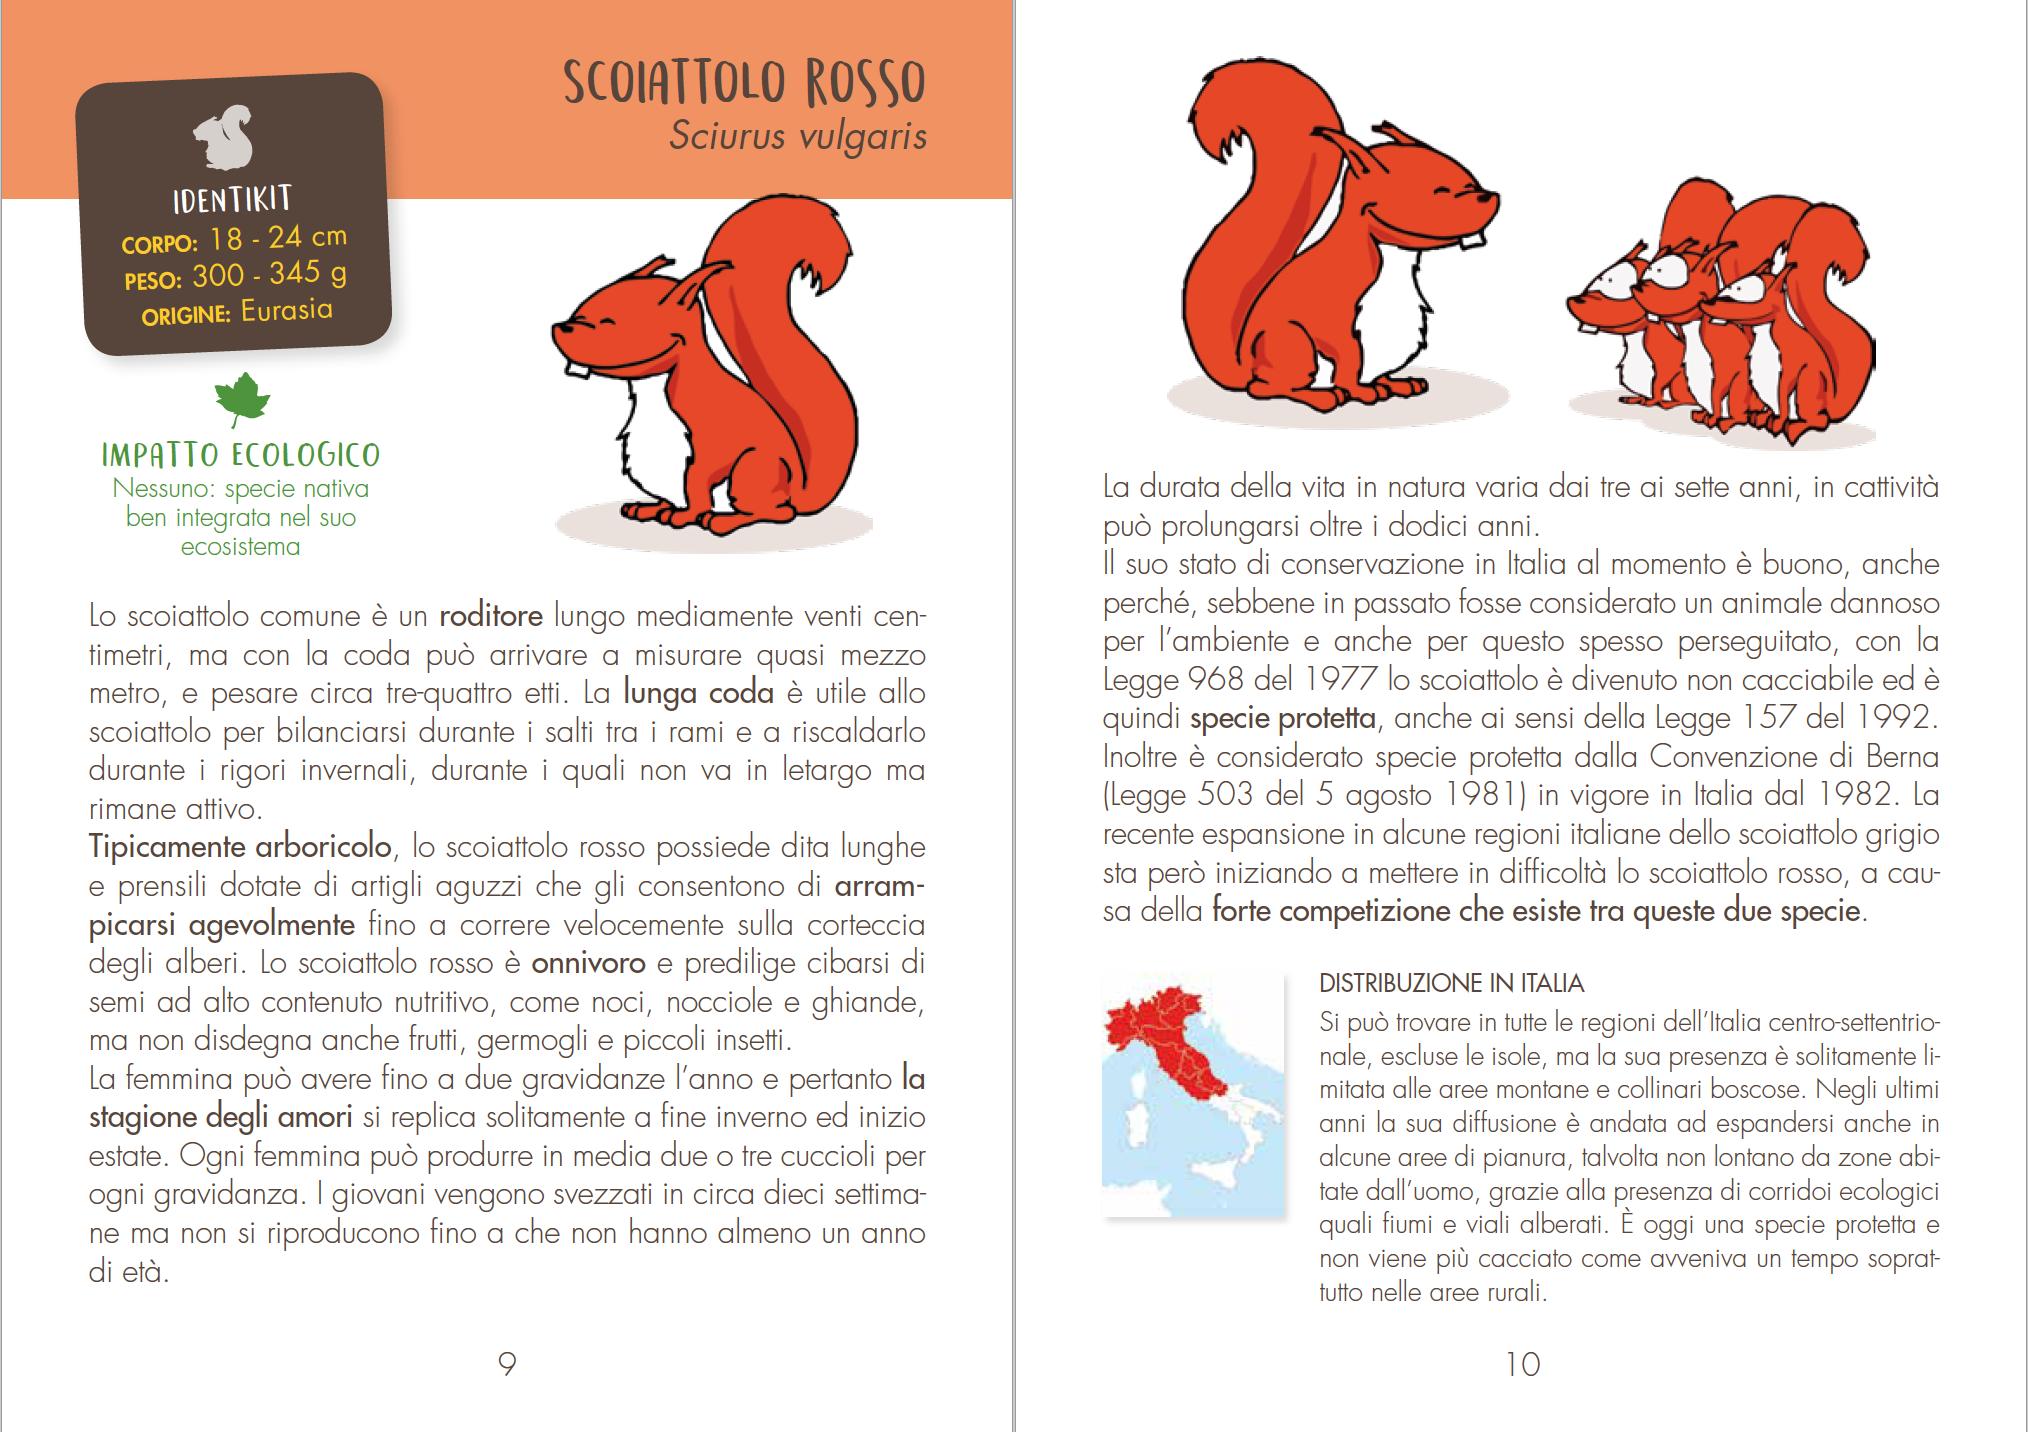 scoiattoli italiani biodiversità wba conservazione